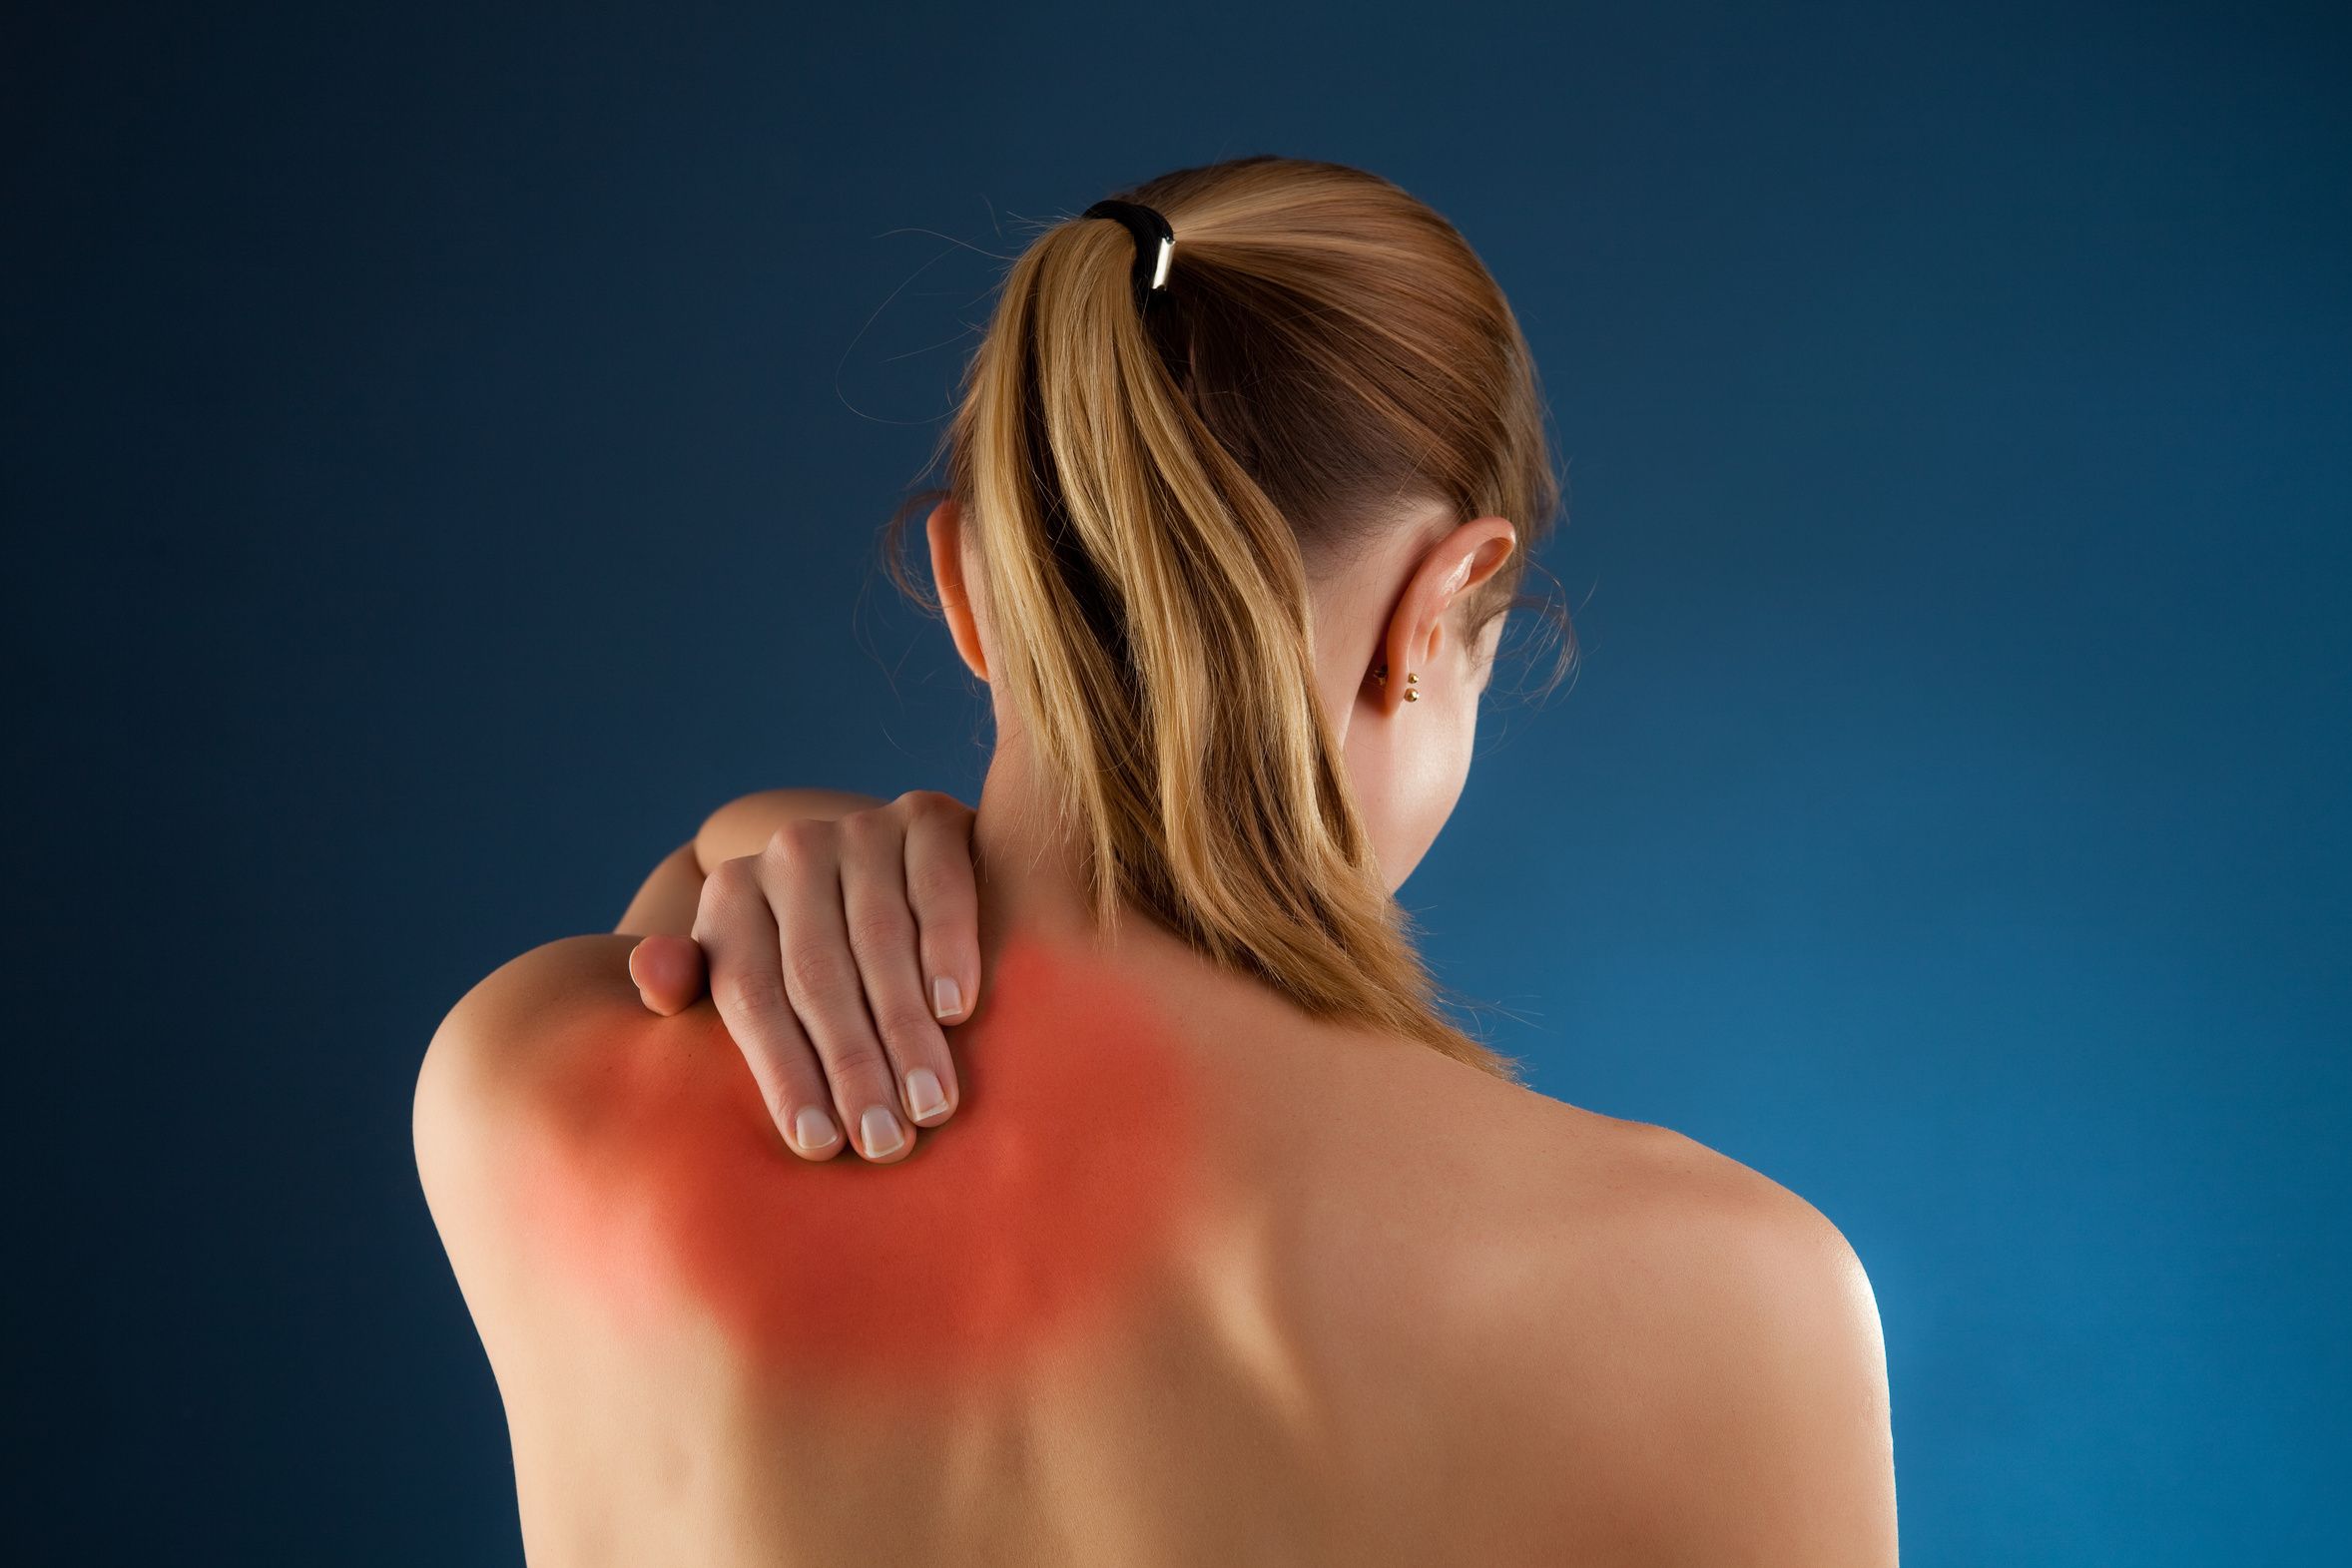 Пульсирующая Боль В Плечевом Суставе